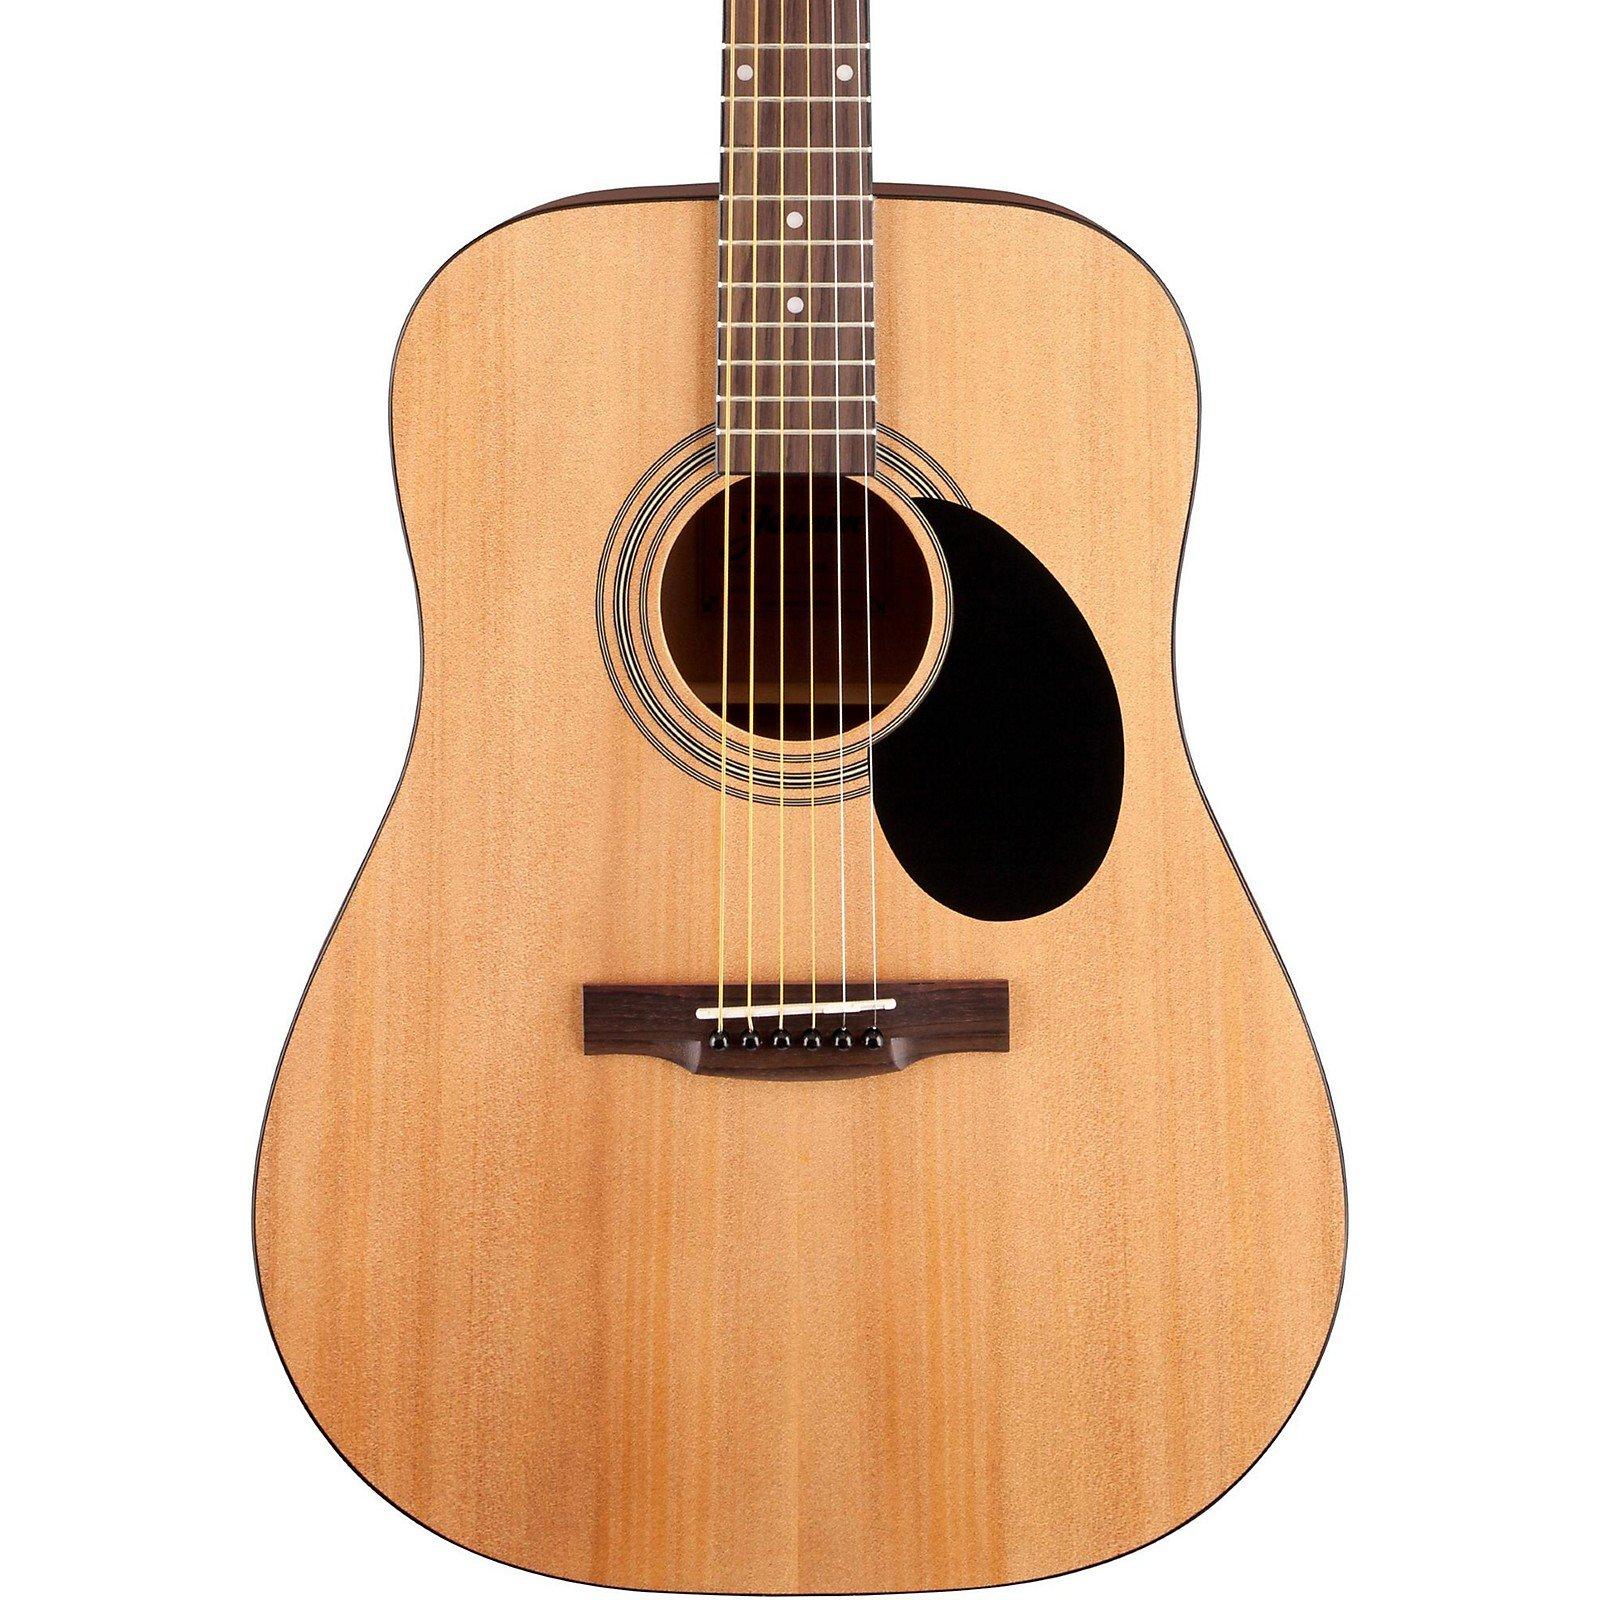 Jasmine S35 Dreadnaught Acoustic Guitar